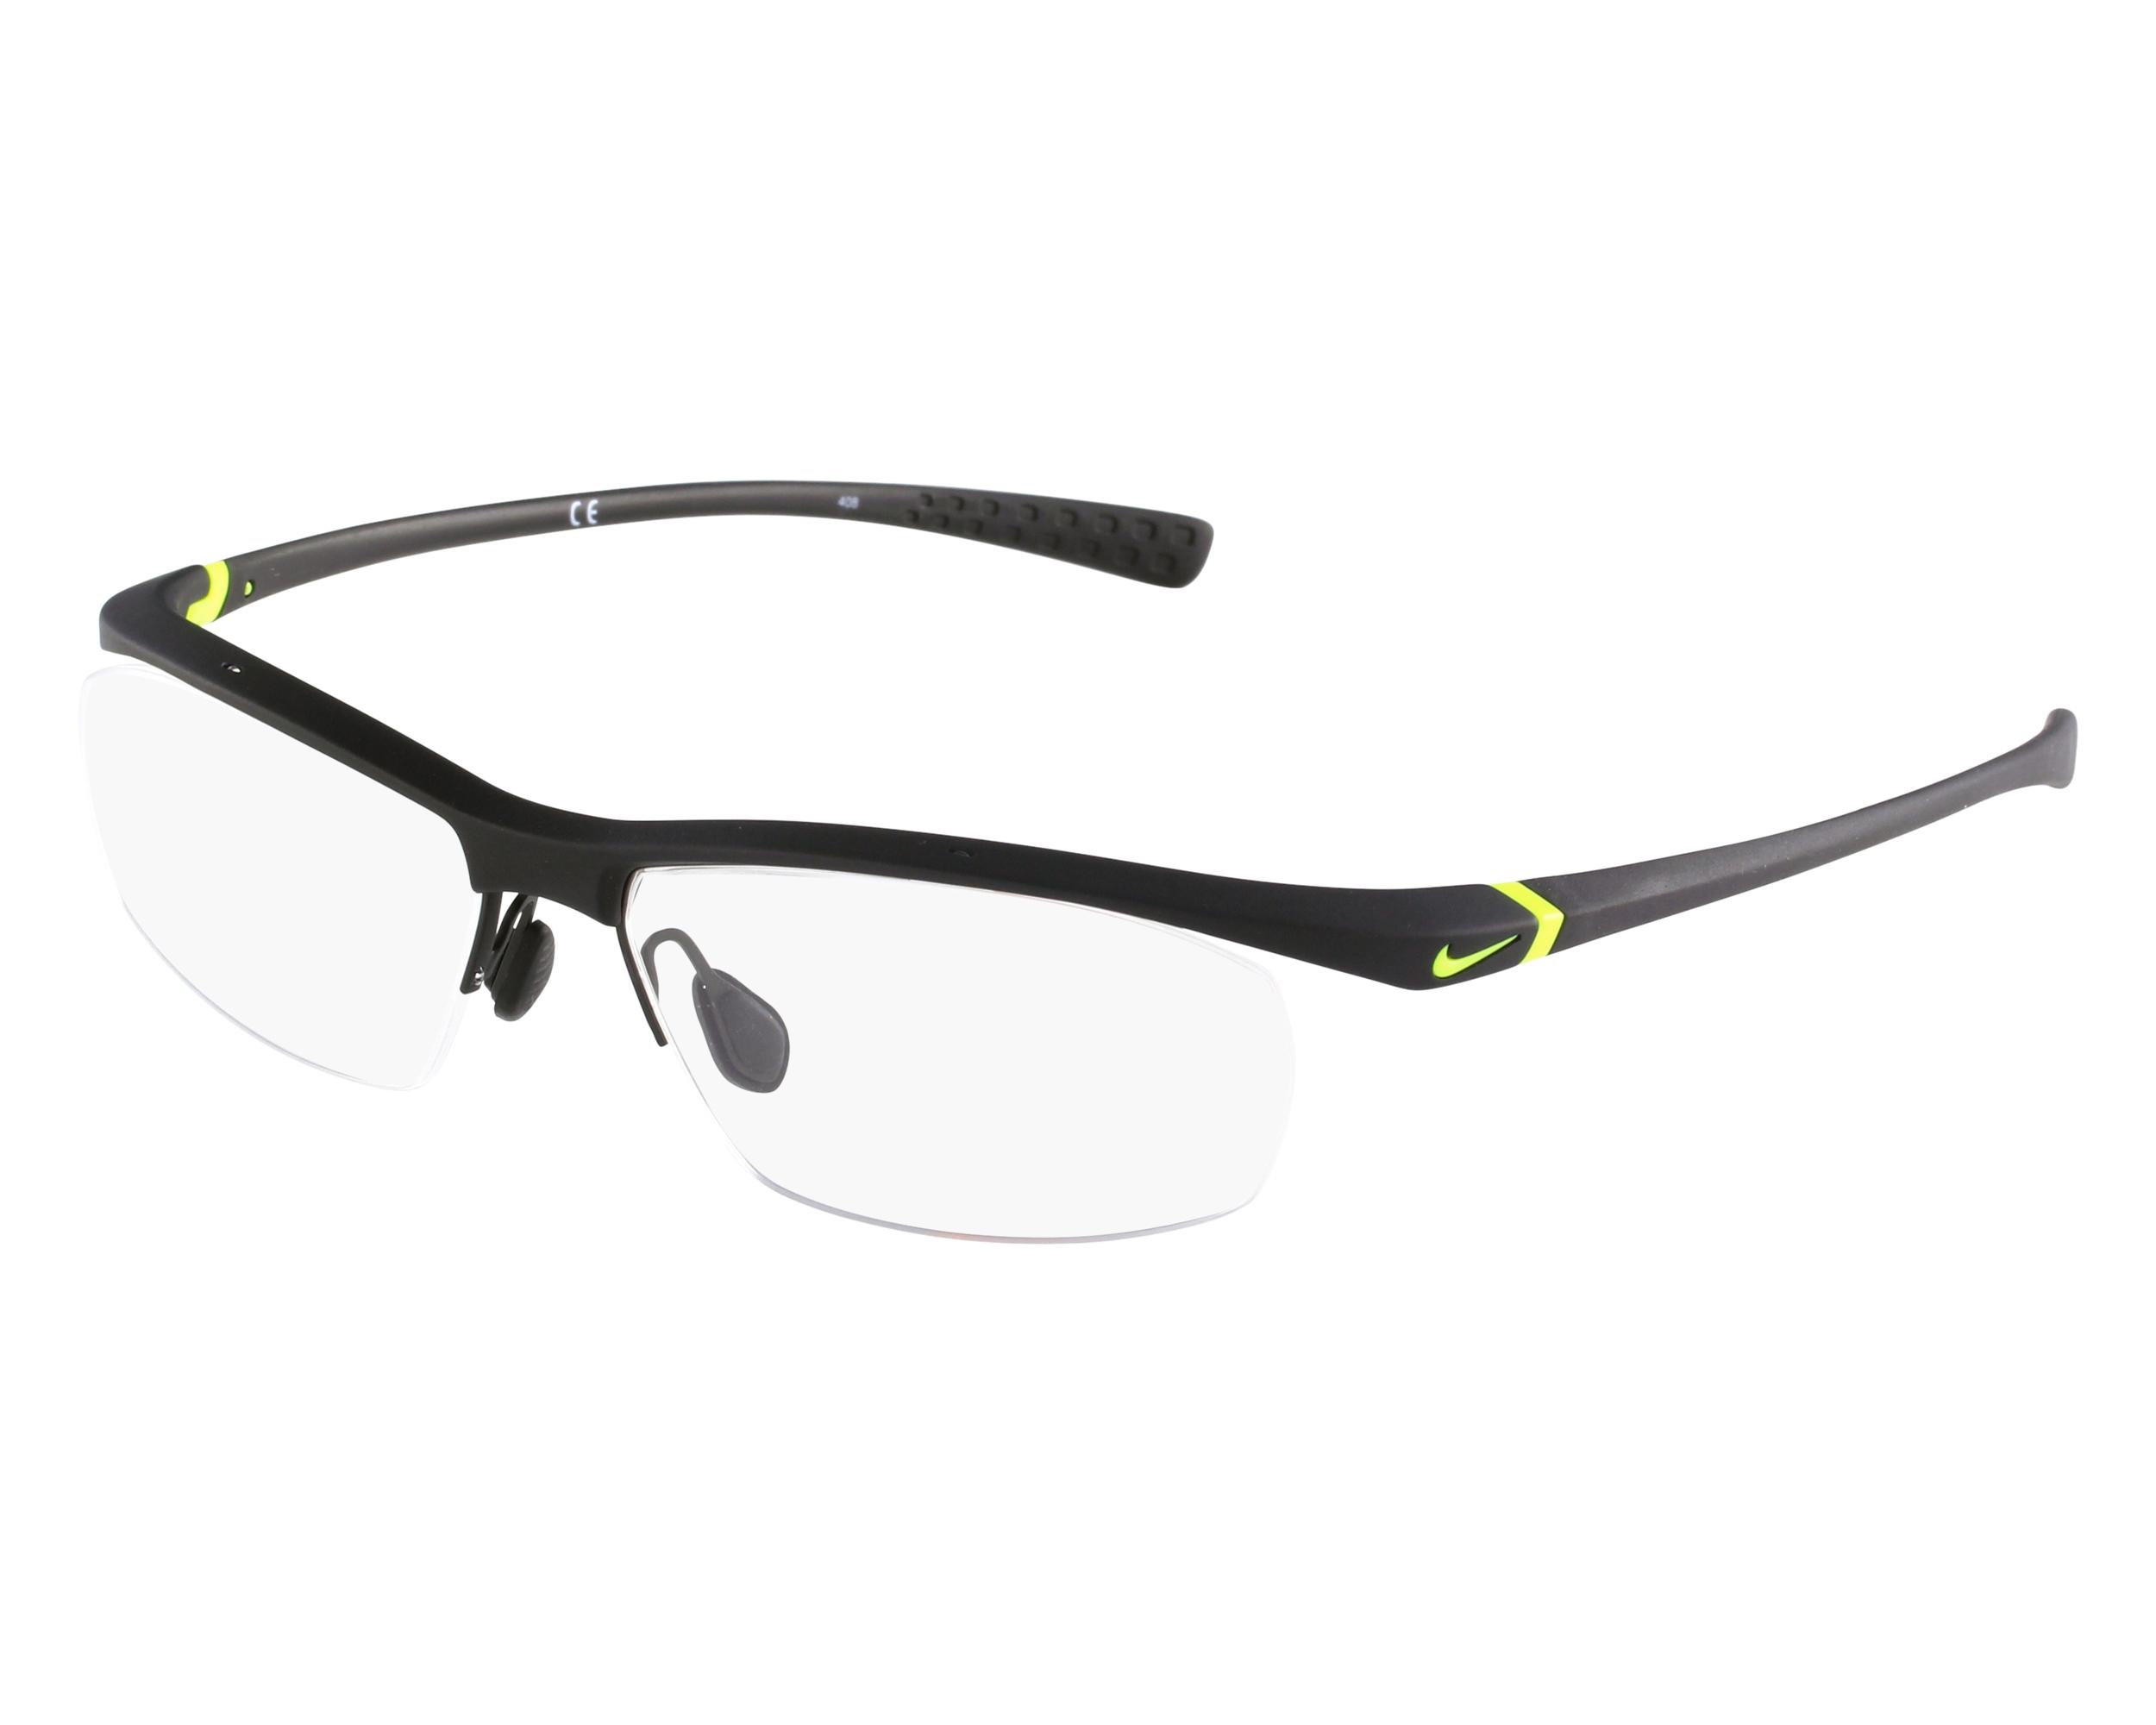 Lunettes de vue Nike 7070-3 002 57-15 Noir Jaune vue de face b226b09918f0